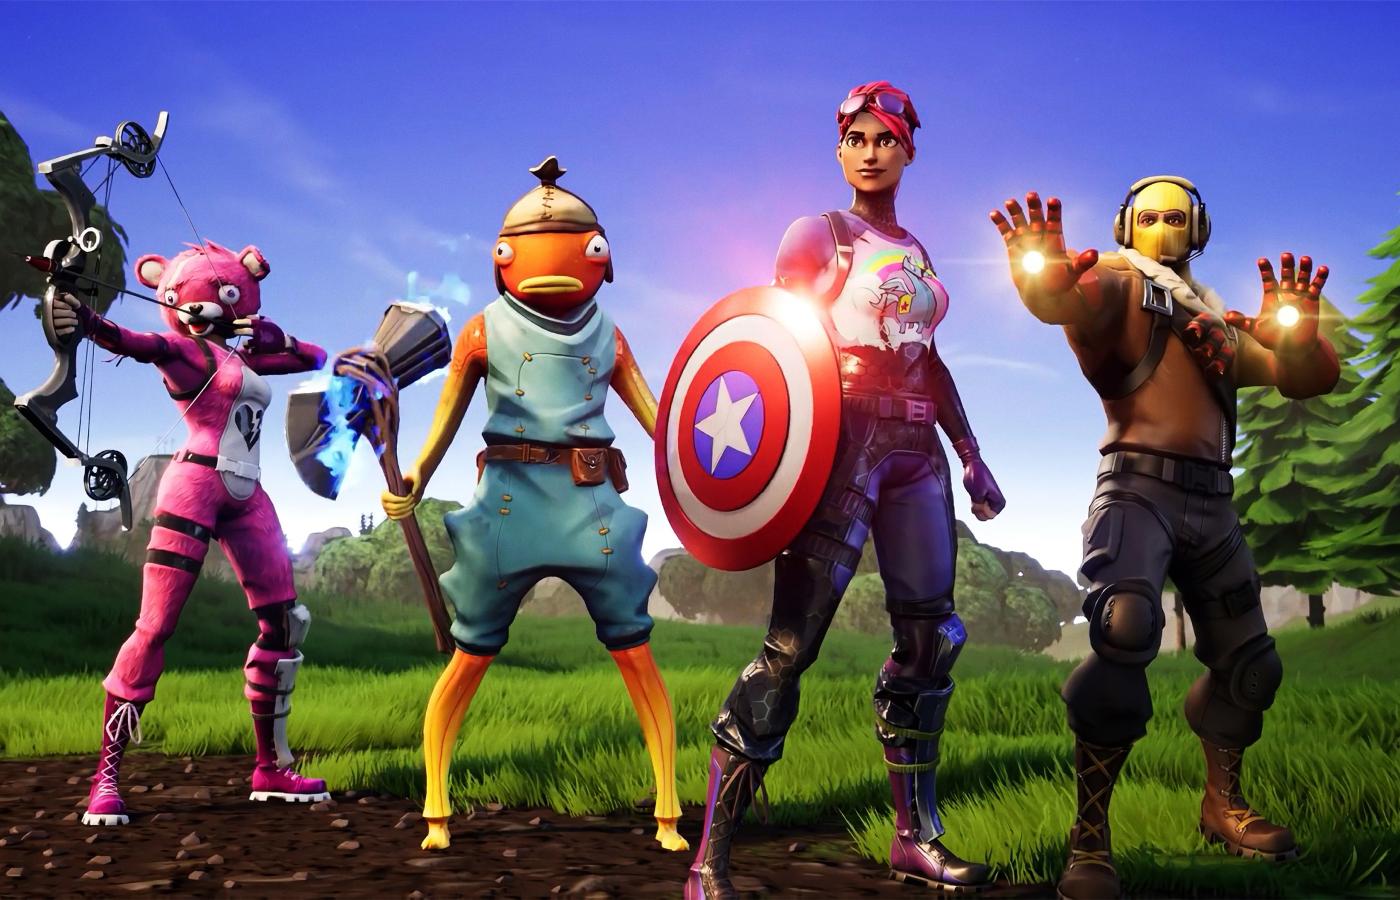 1400x900 fortnite avengers 1400x900 resolution wallpaper